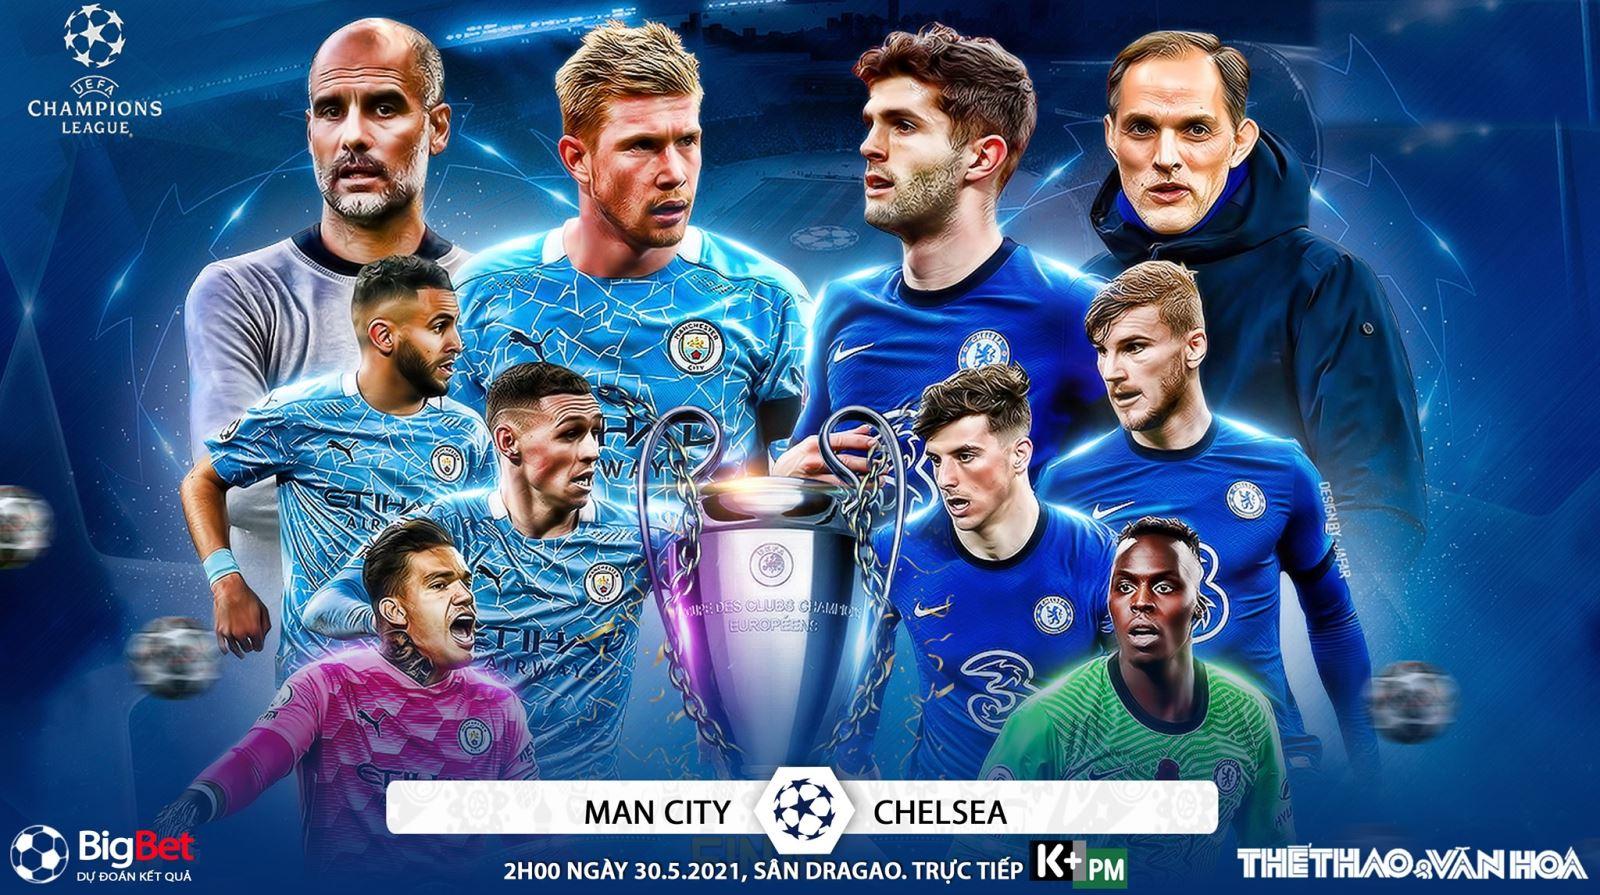 Soi kèo nhà cái Man City vs Chelsea. K+PM trực tiếp chung kết cúp C1